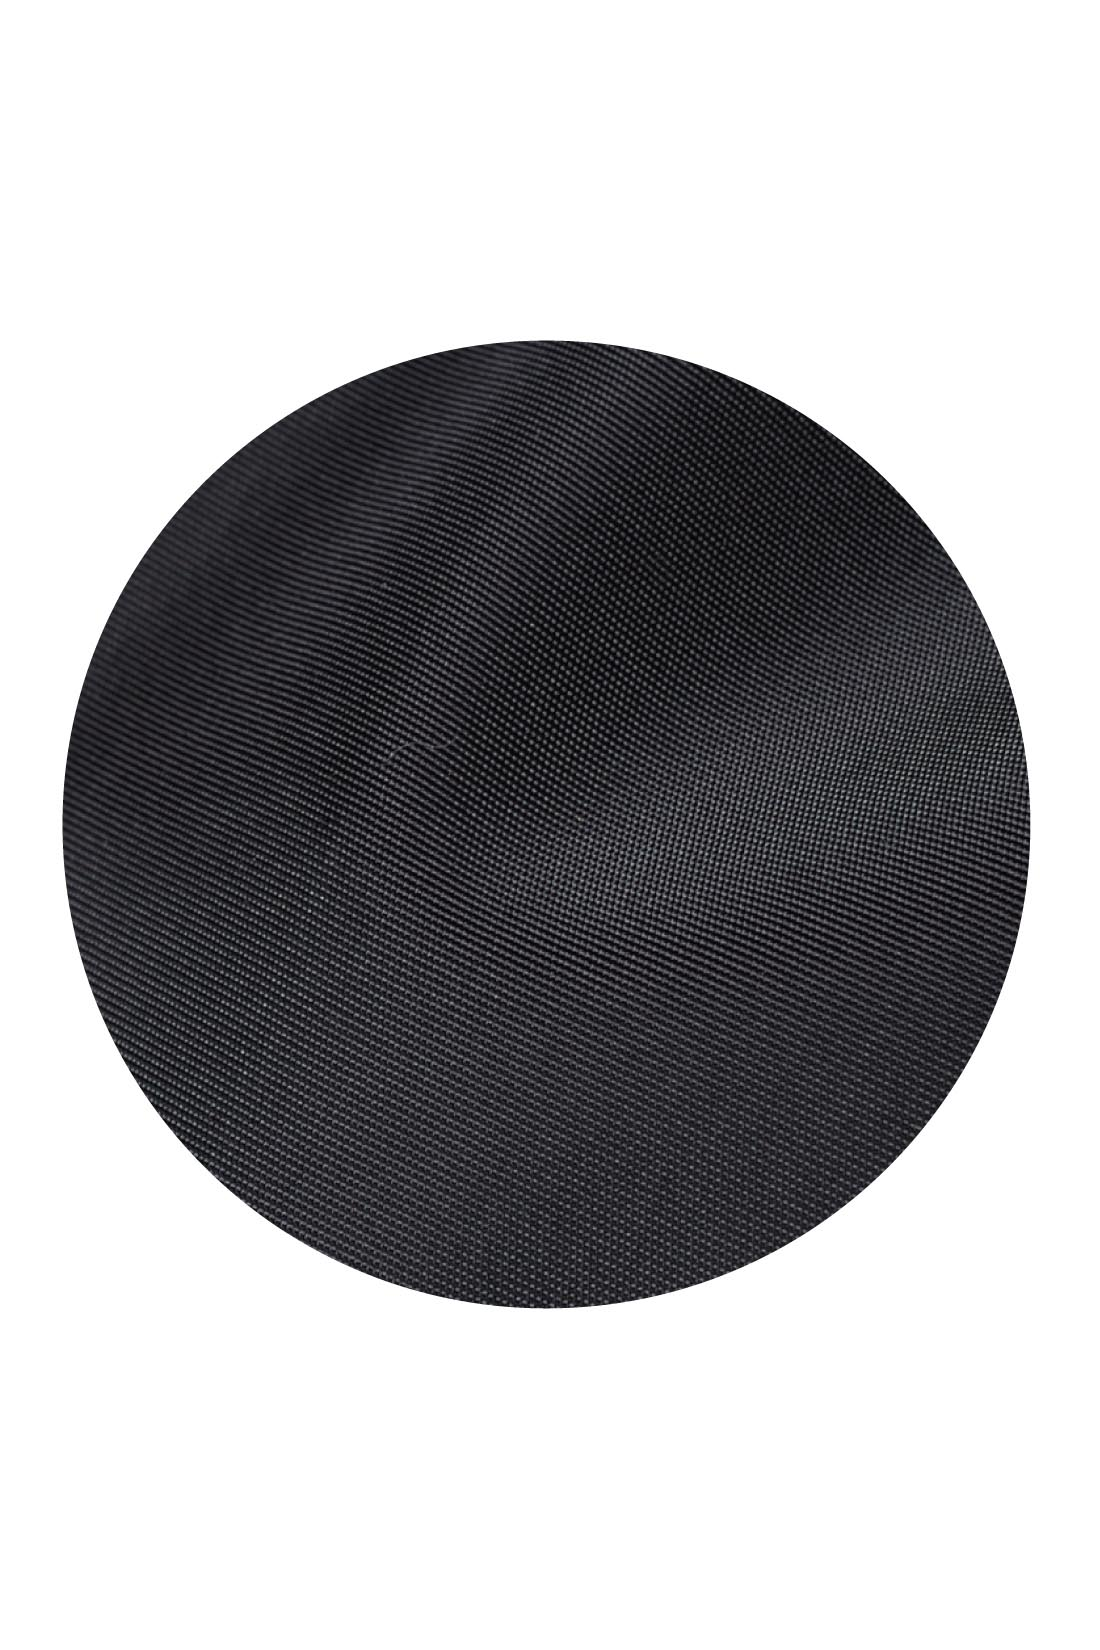 艶やかできれいなナイロン素材は、中わた入りでふんわりリッチな印象。 ※お届けするカラーとは異なります。